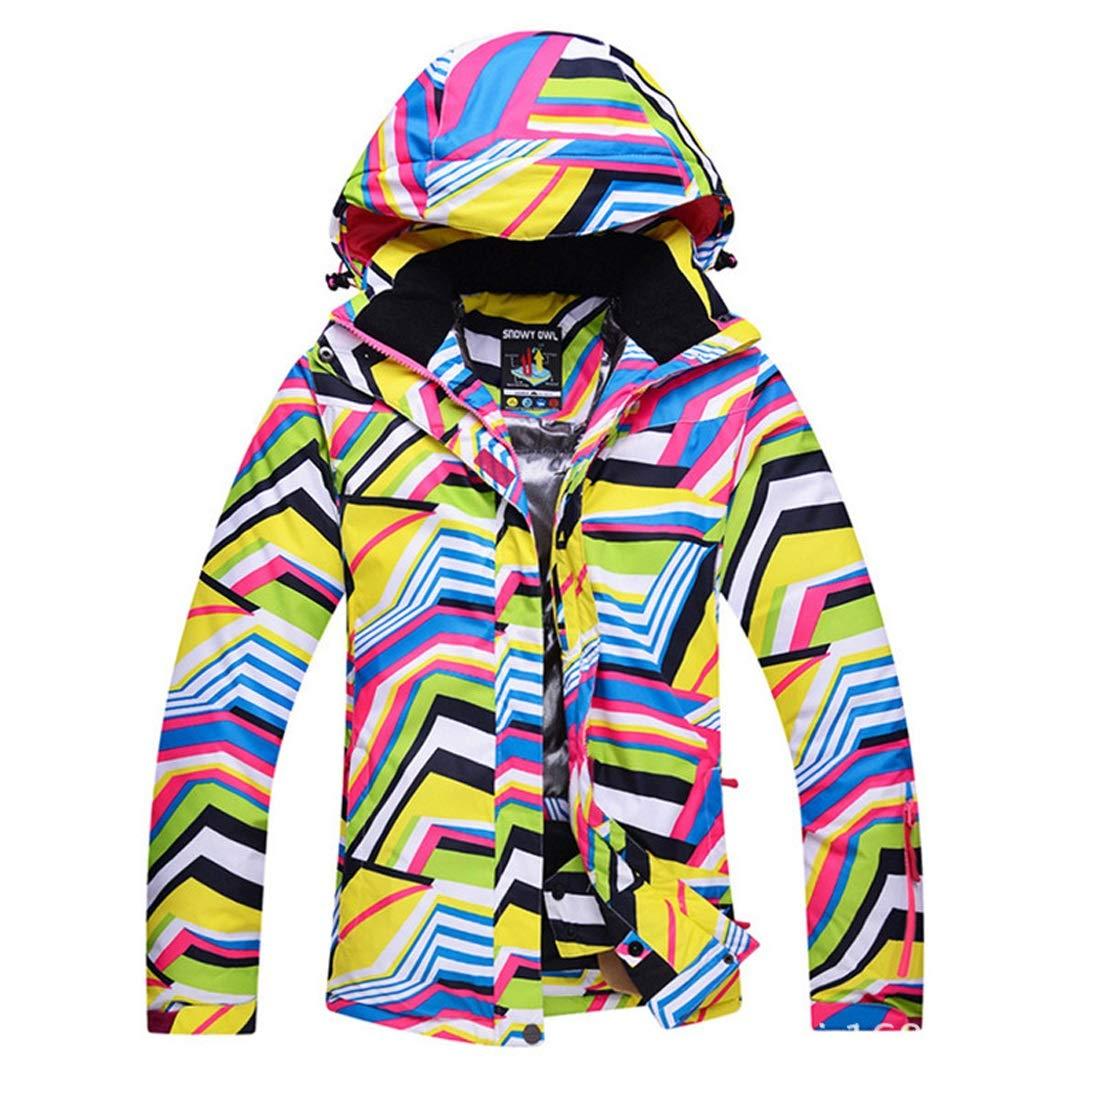 Cvthfyky Veste de Ski de Montagne Coupe-Vent Femme Manteau imperméable extérieur de Snowboard Chaud